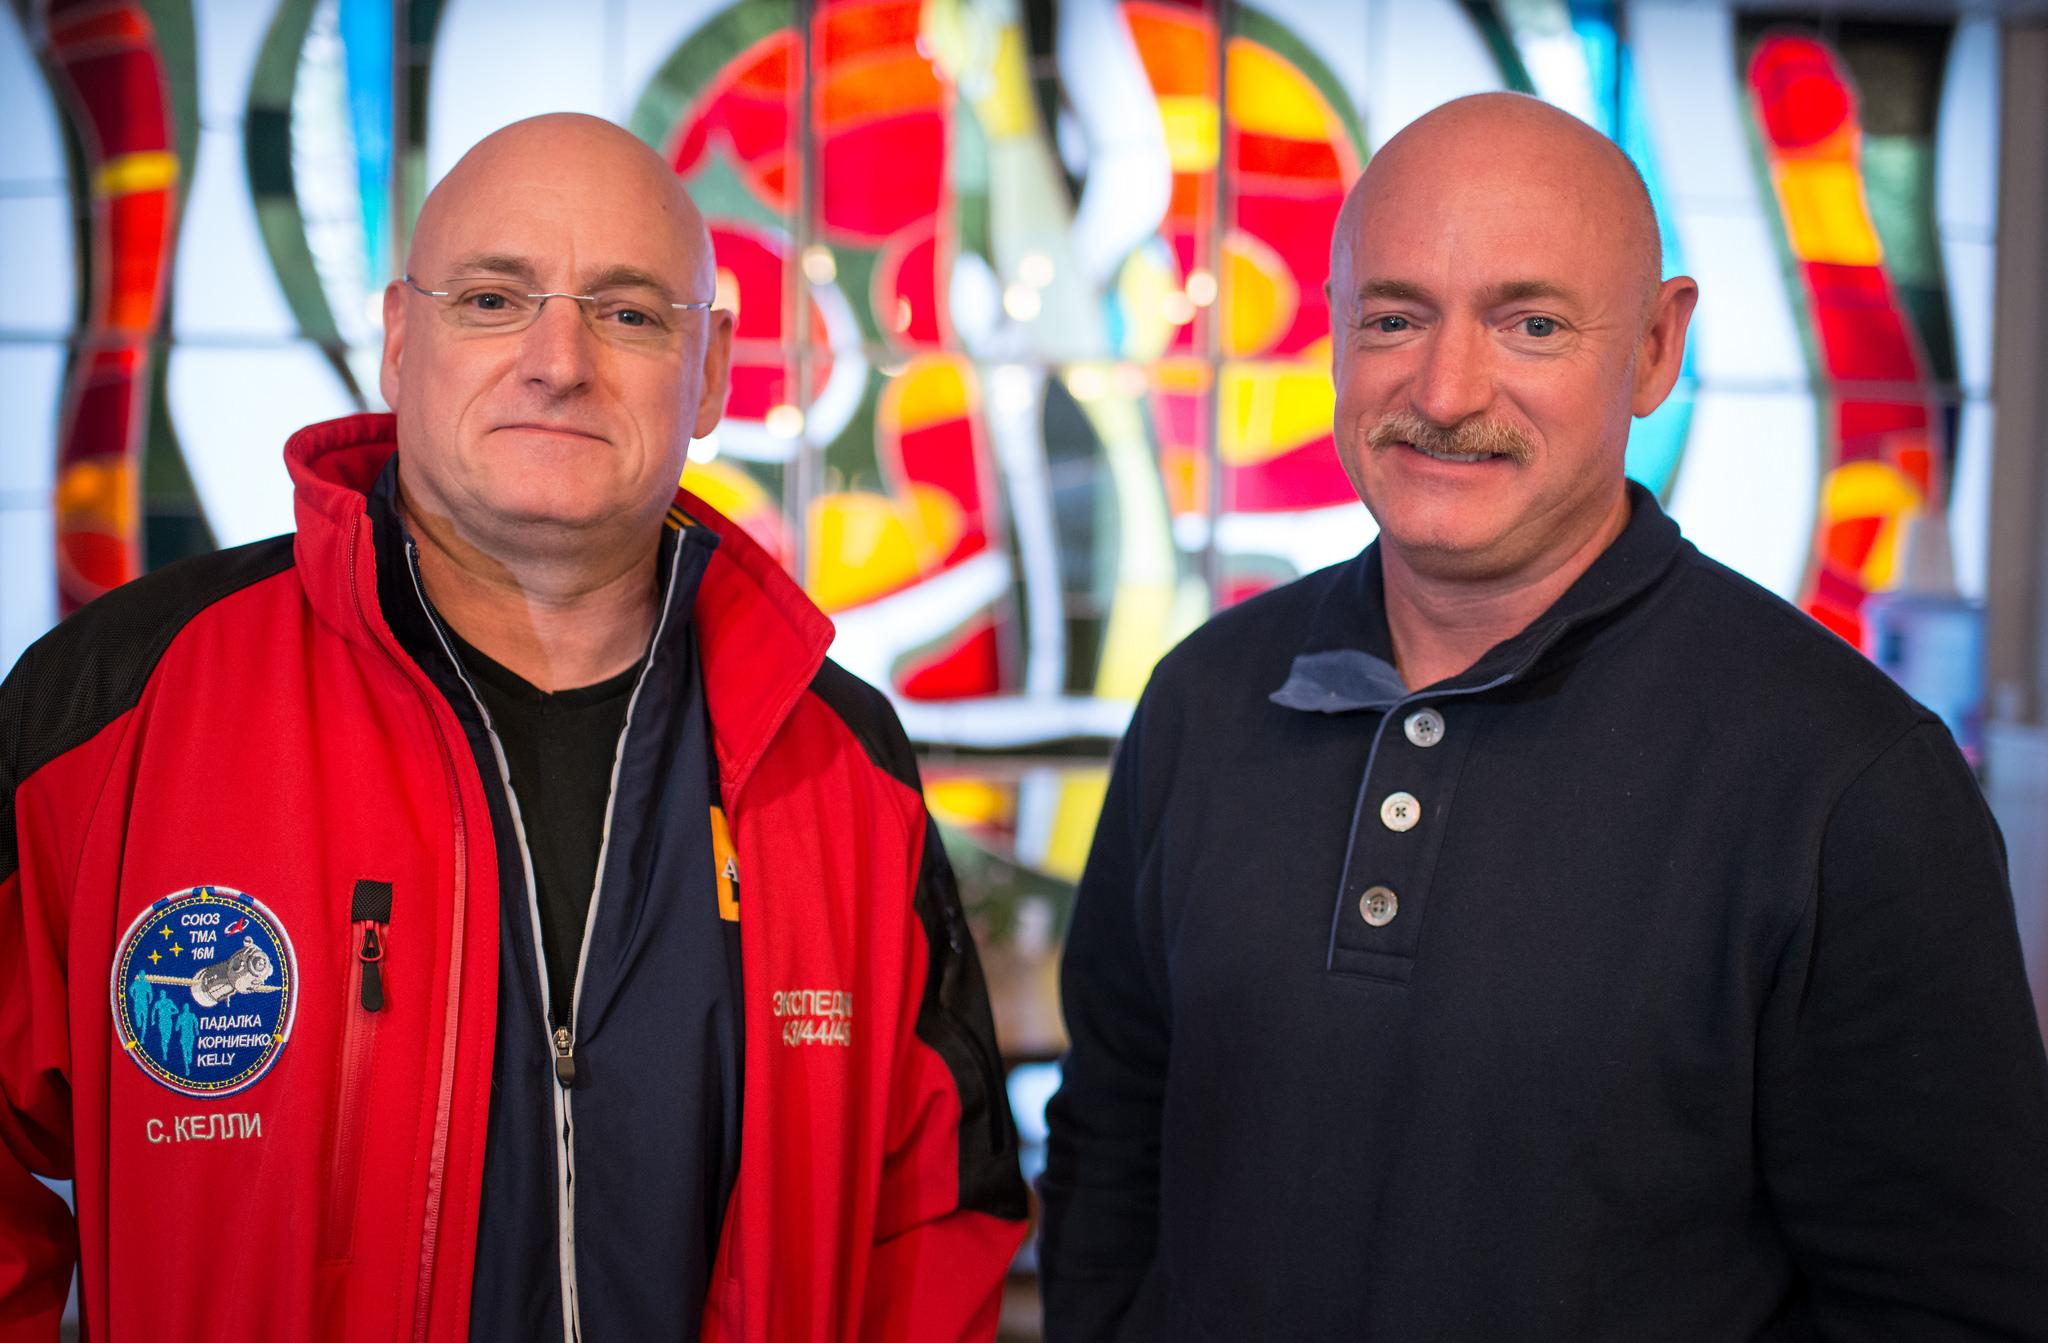 NASA's Astronaut Twins, Scott and Mark Kelly